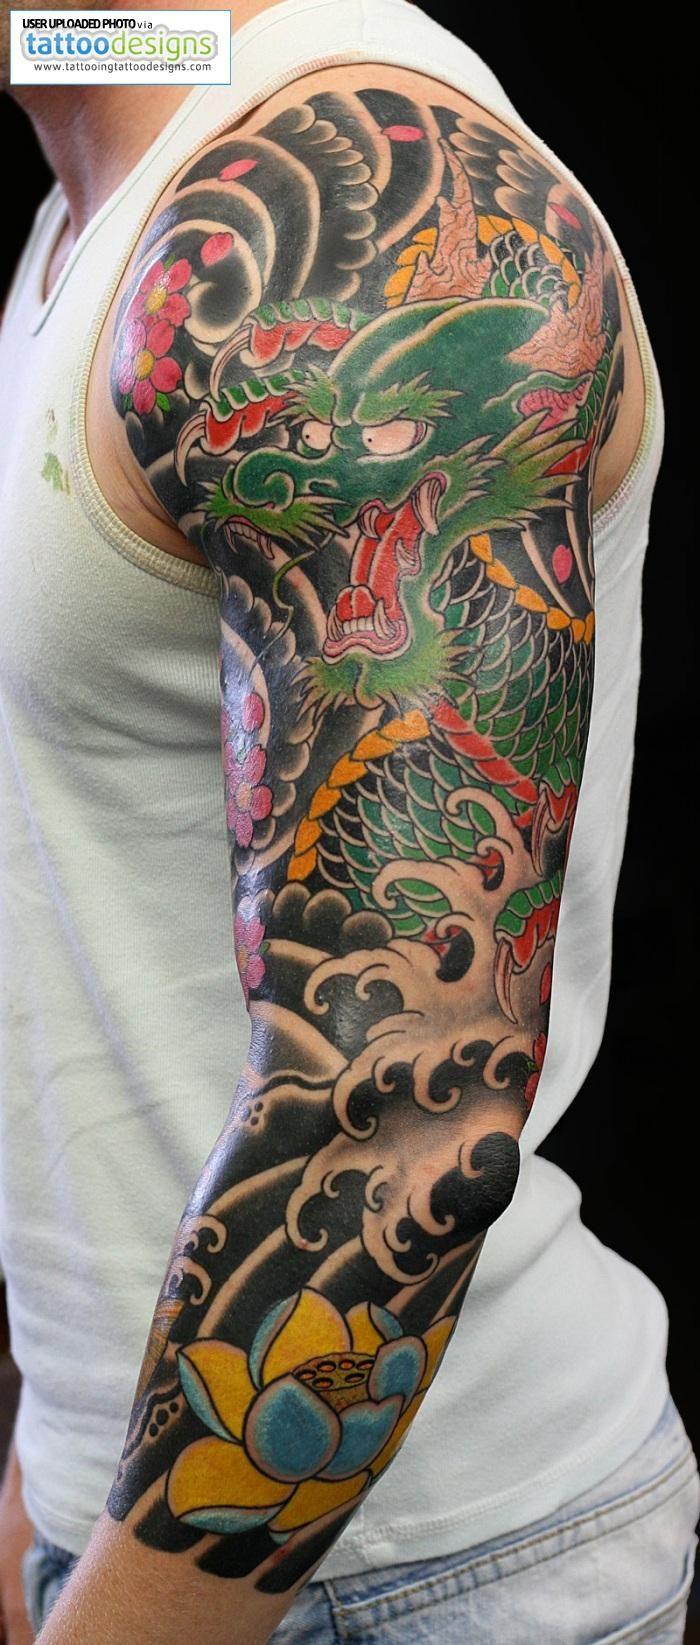 Japanese Tattoos Dragon Tattoos Japanese Tattoos Rhys Gordon Sydney Tattoo Studios Dragon Sleeve Tattoos Tattoo Sleeve Designs Japanese Sleeve Tattoos